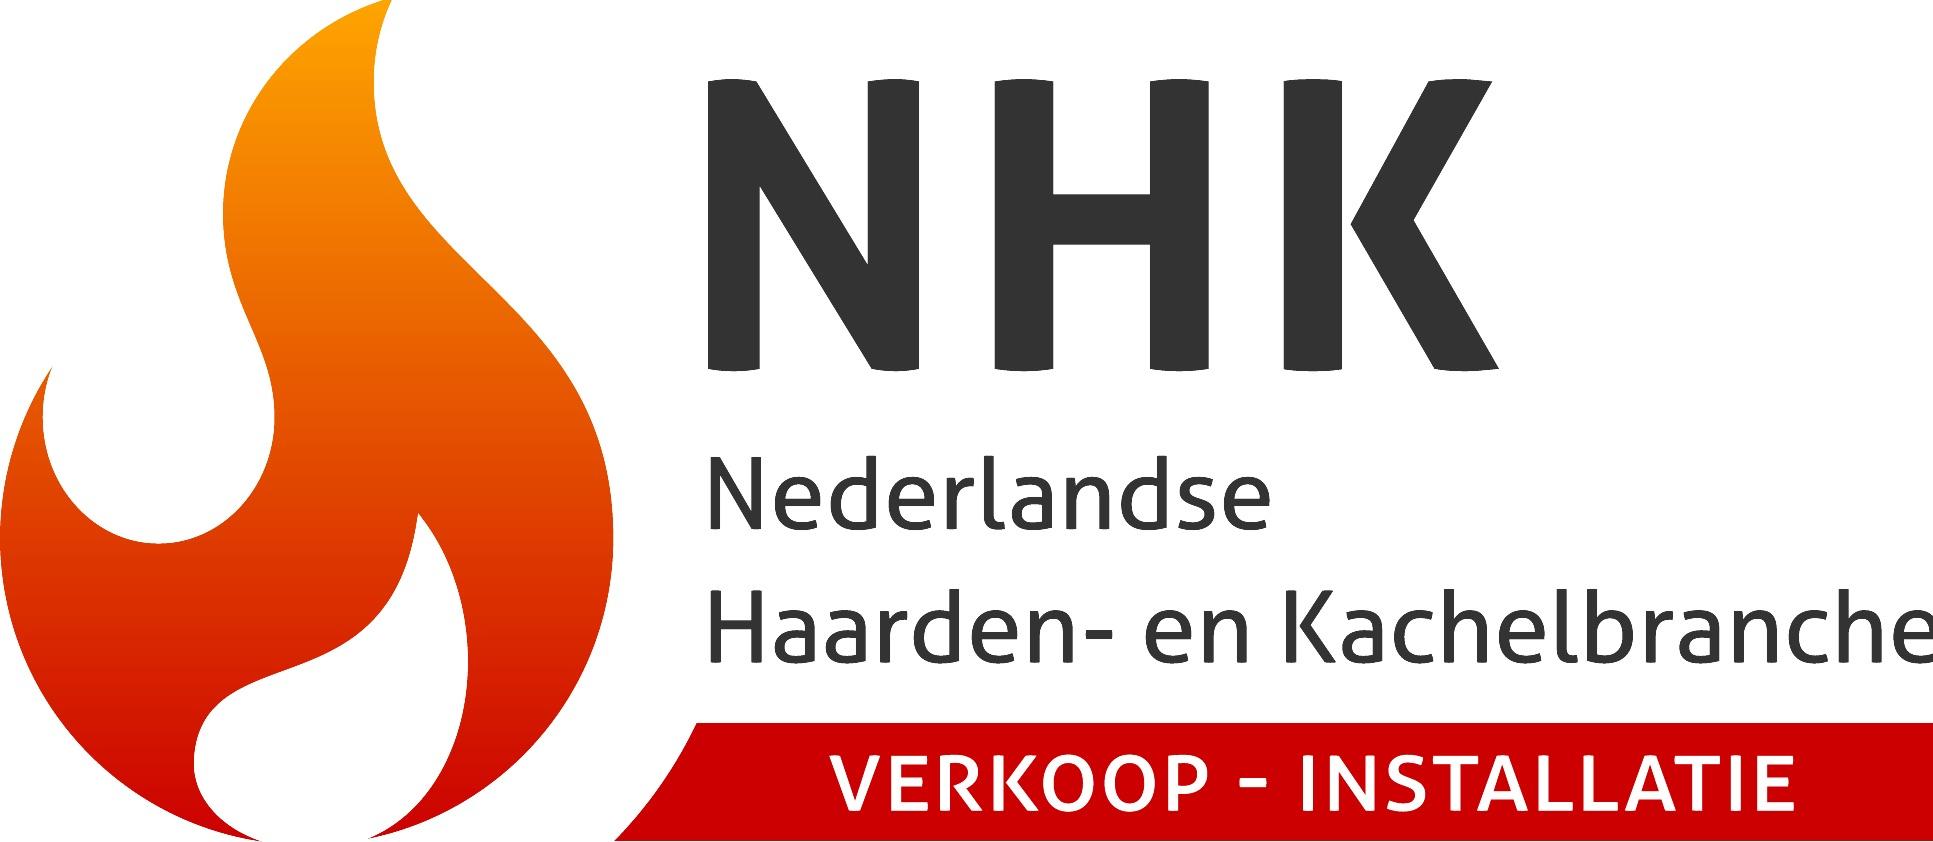 Nederlandse Haarden- en Kachelbranche verkoop-installatie